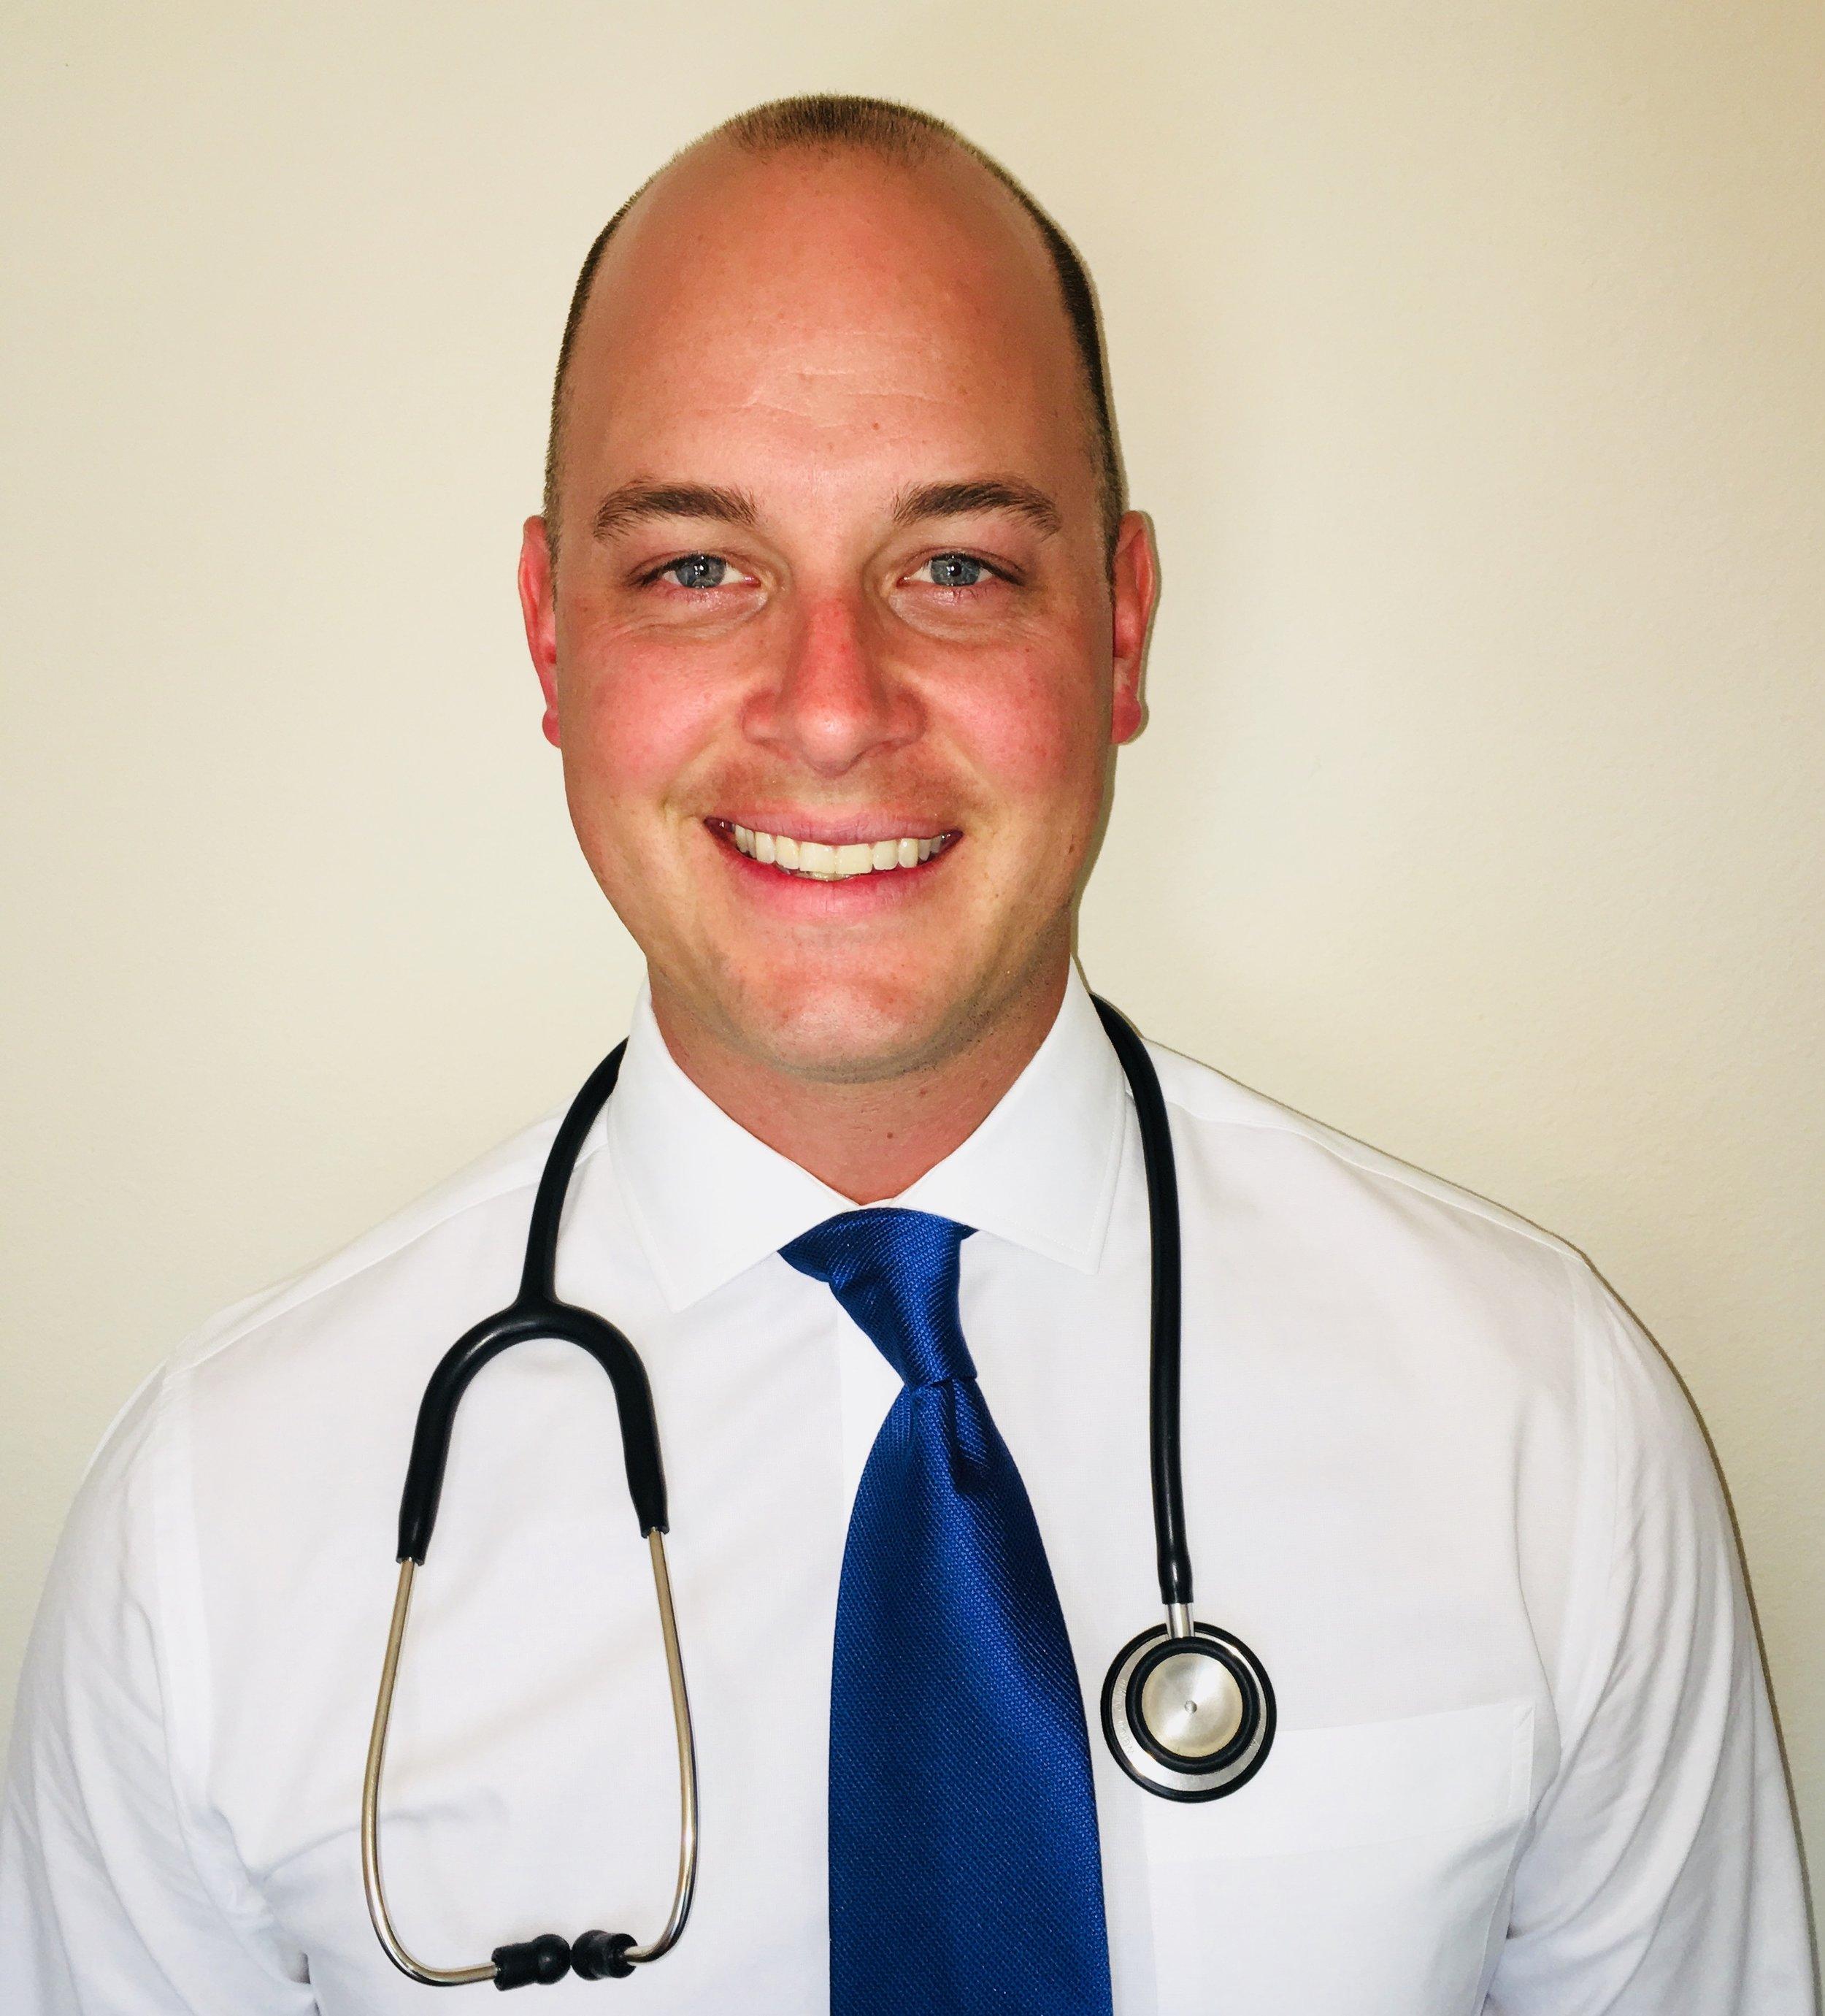 Dr. Sean Miller, D.C.